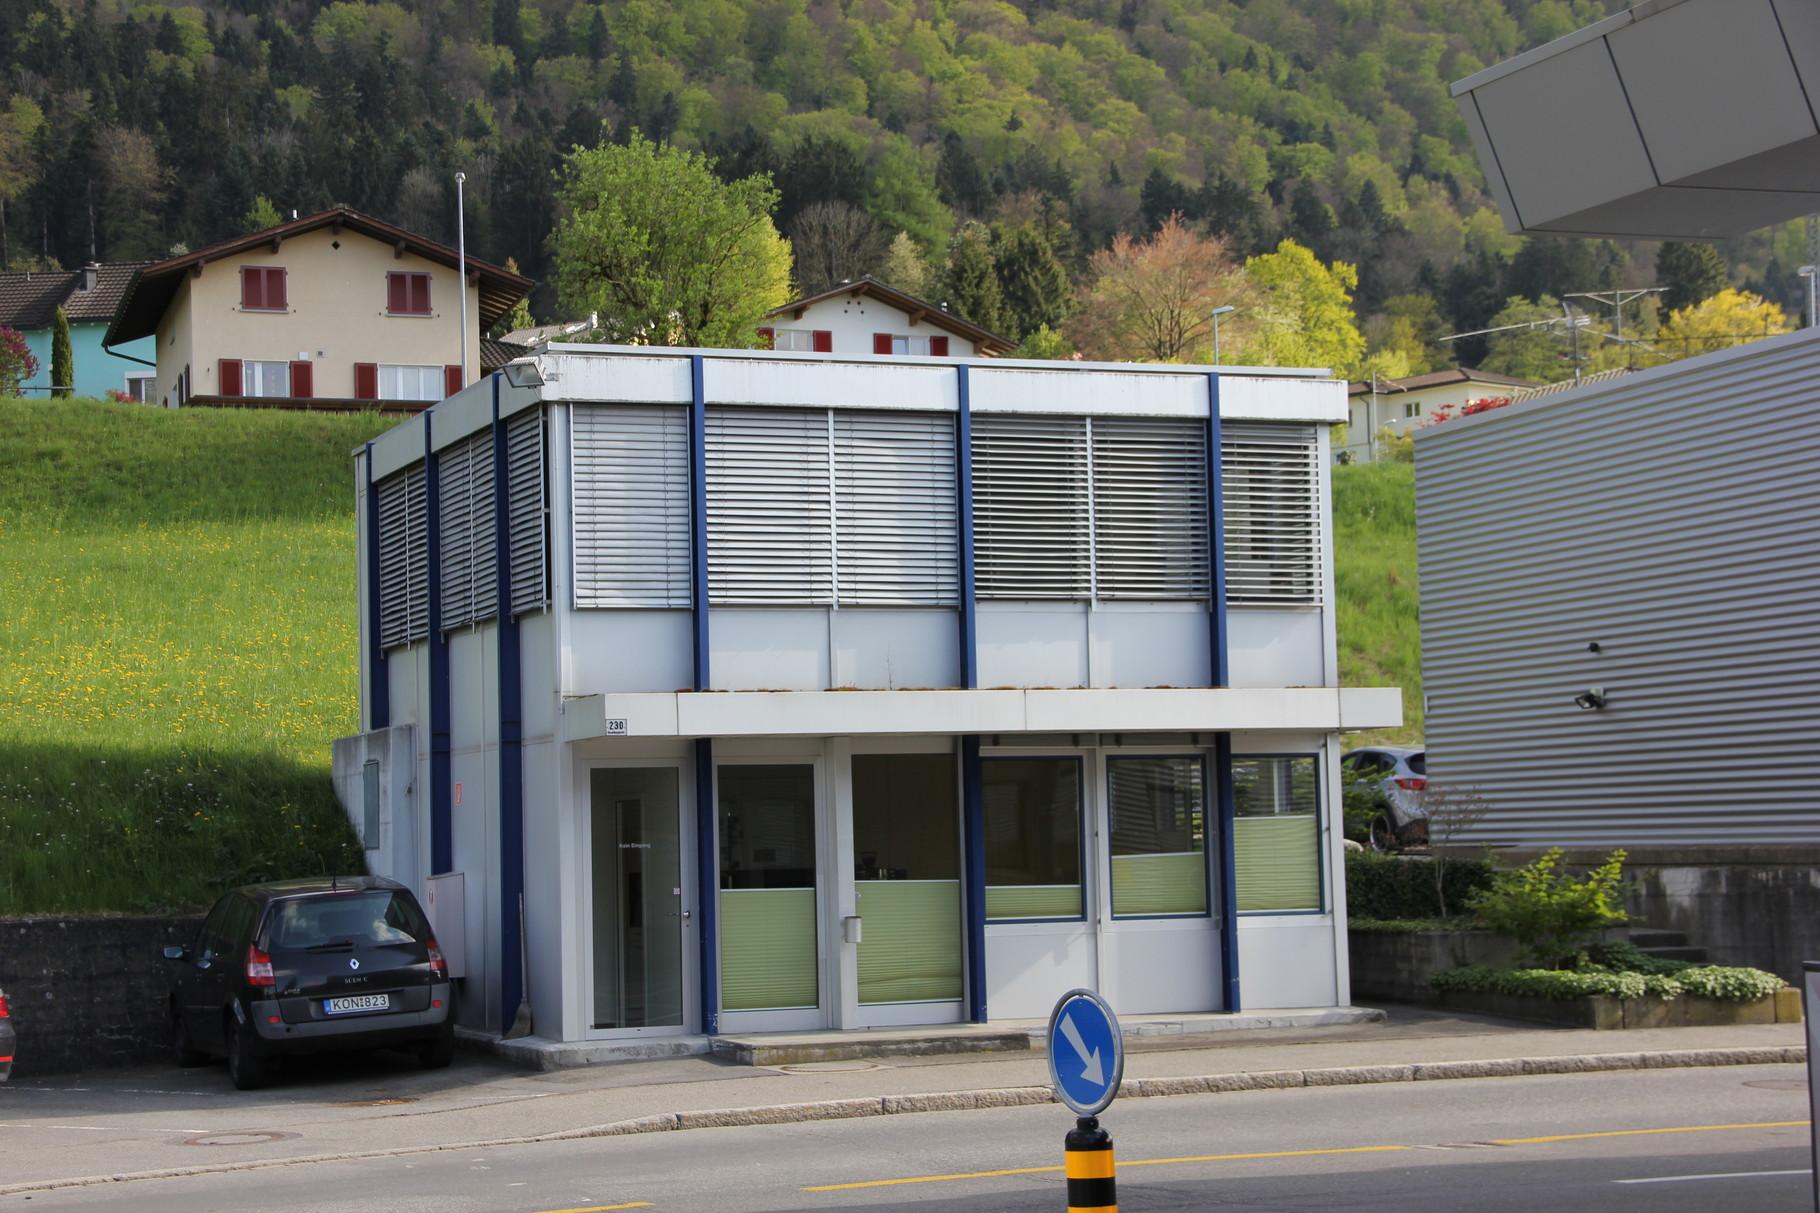 Zoll Cafèteria Schaanwald